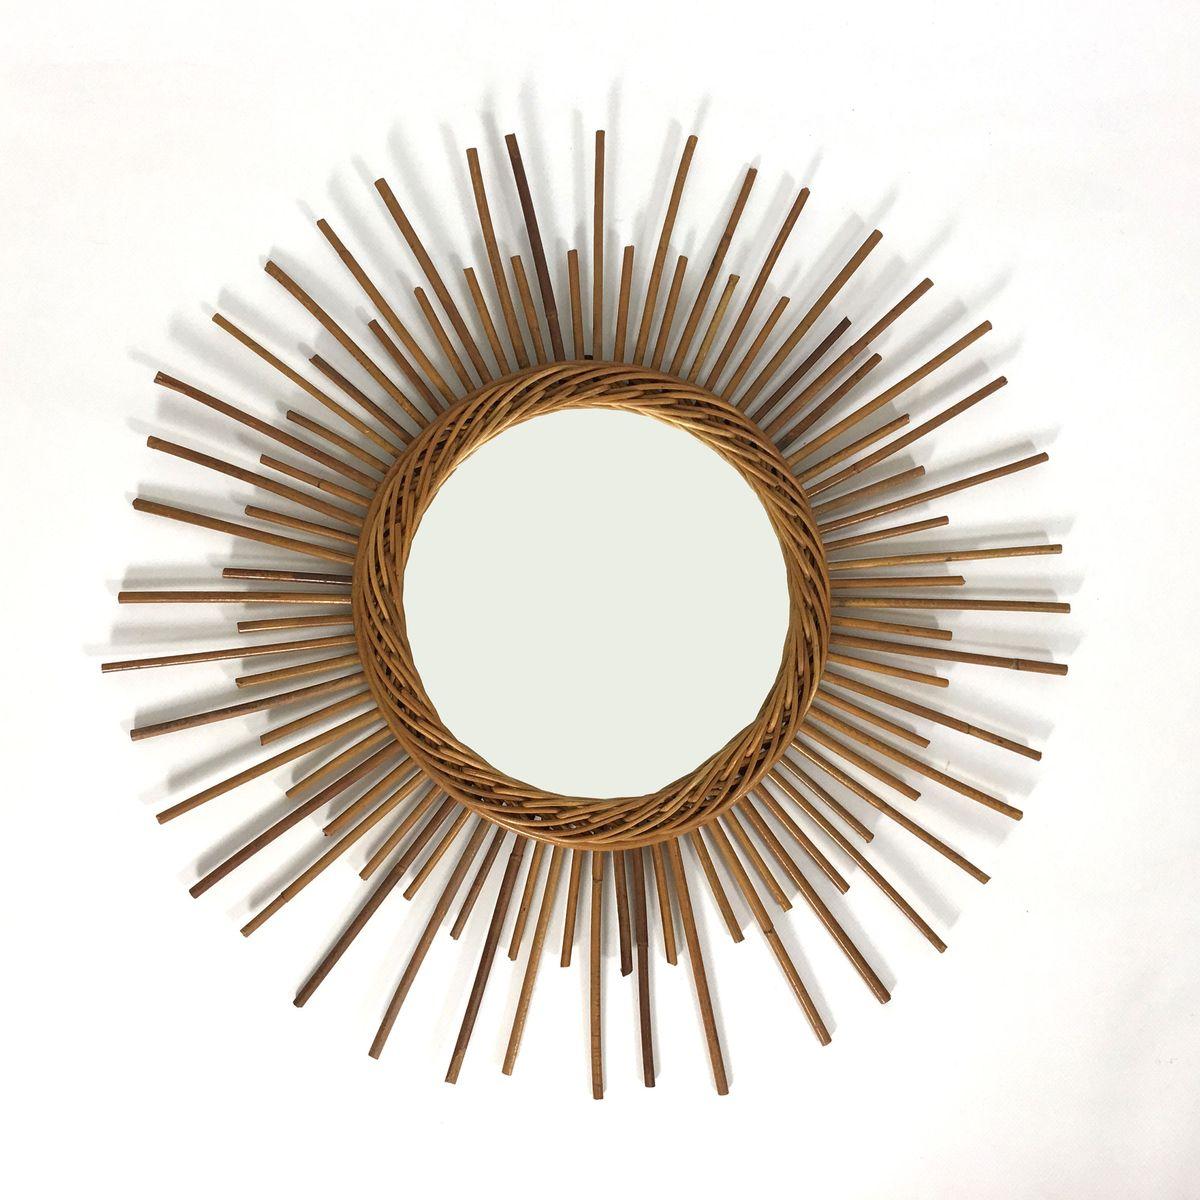 Miroir en forme de soleil france 1960s en vente sur pamono for Miroir forme soleil